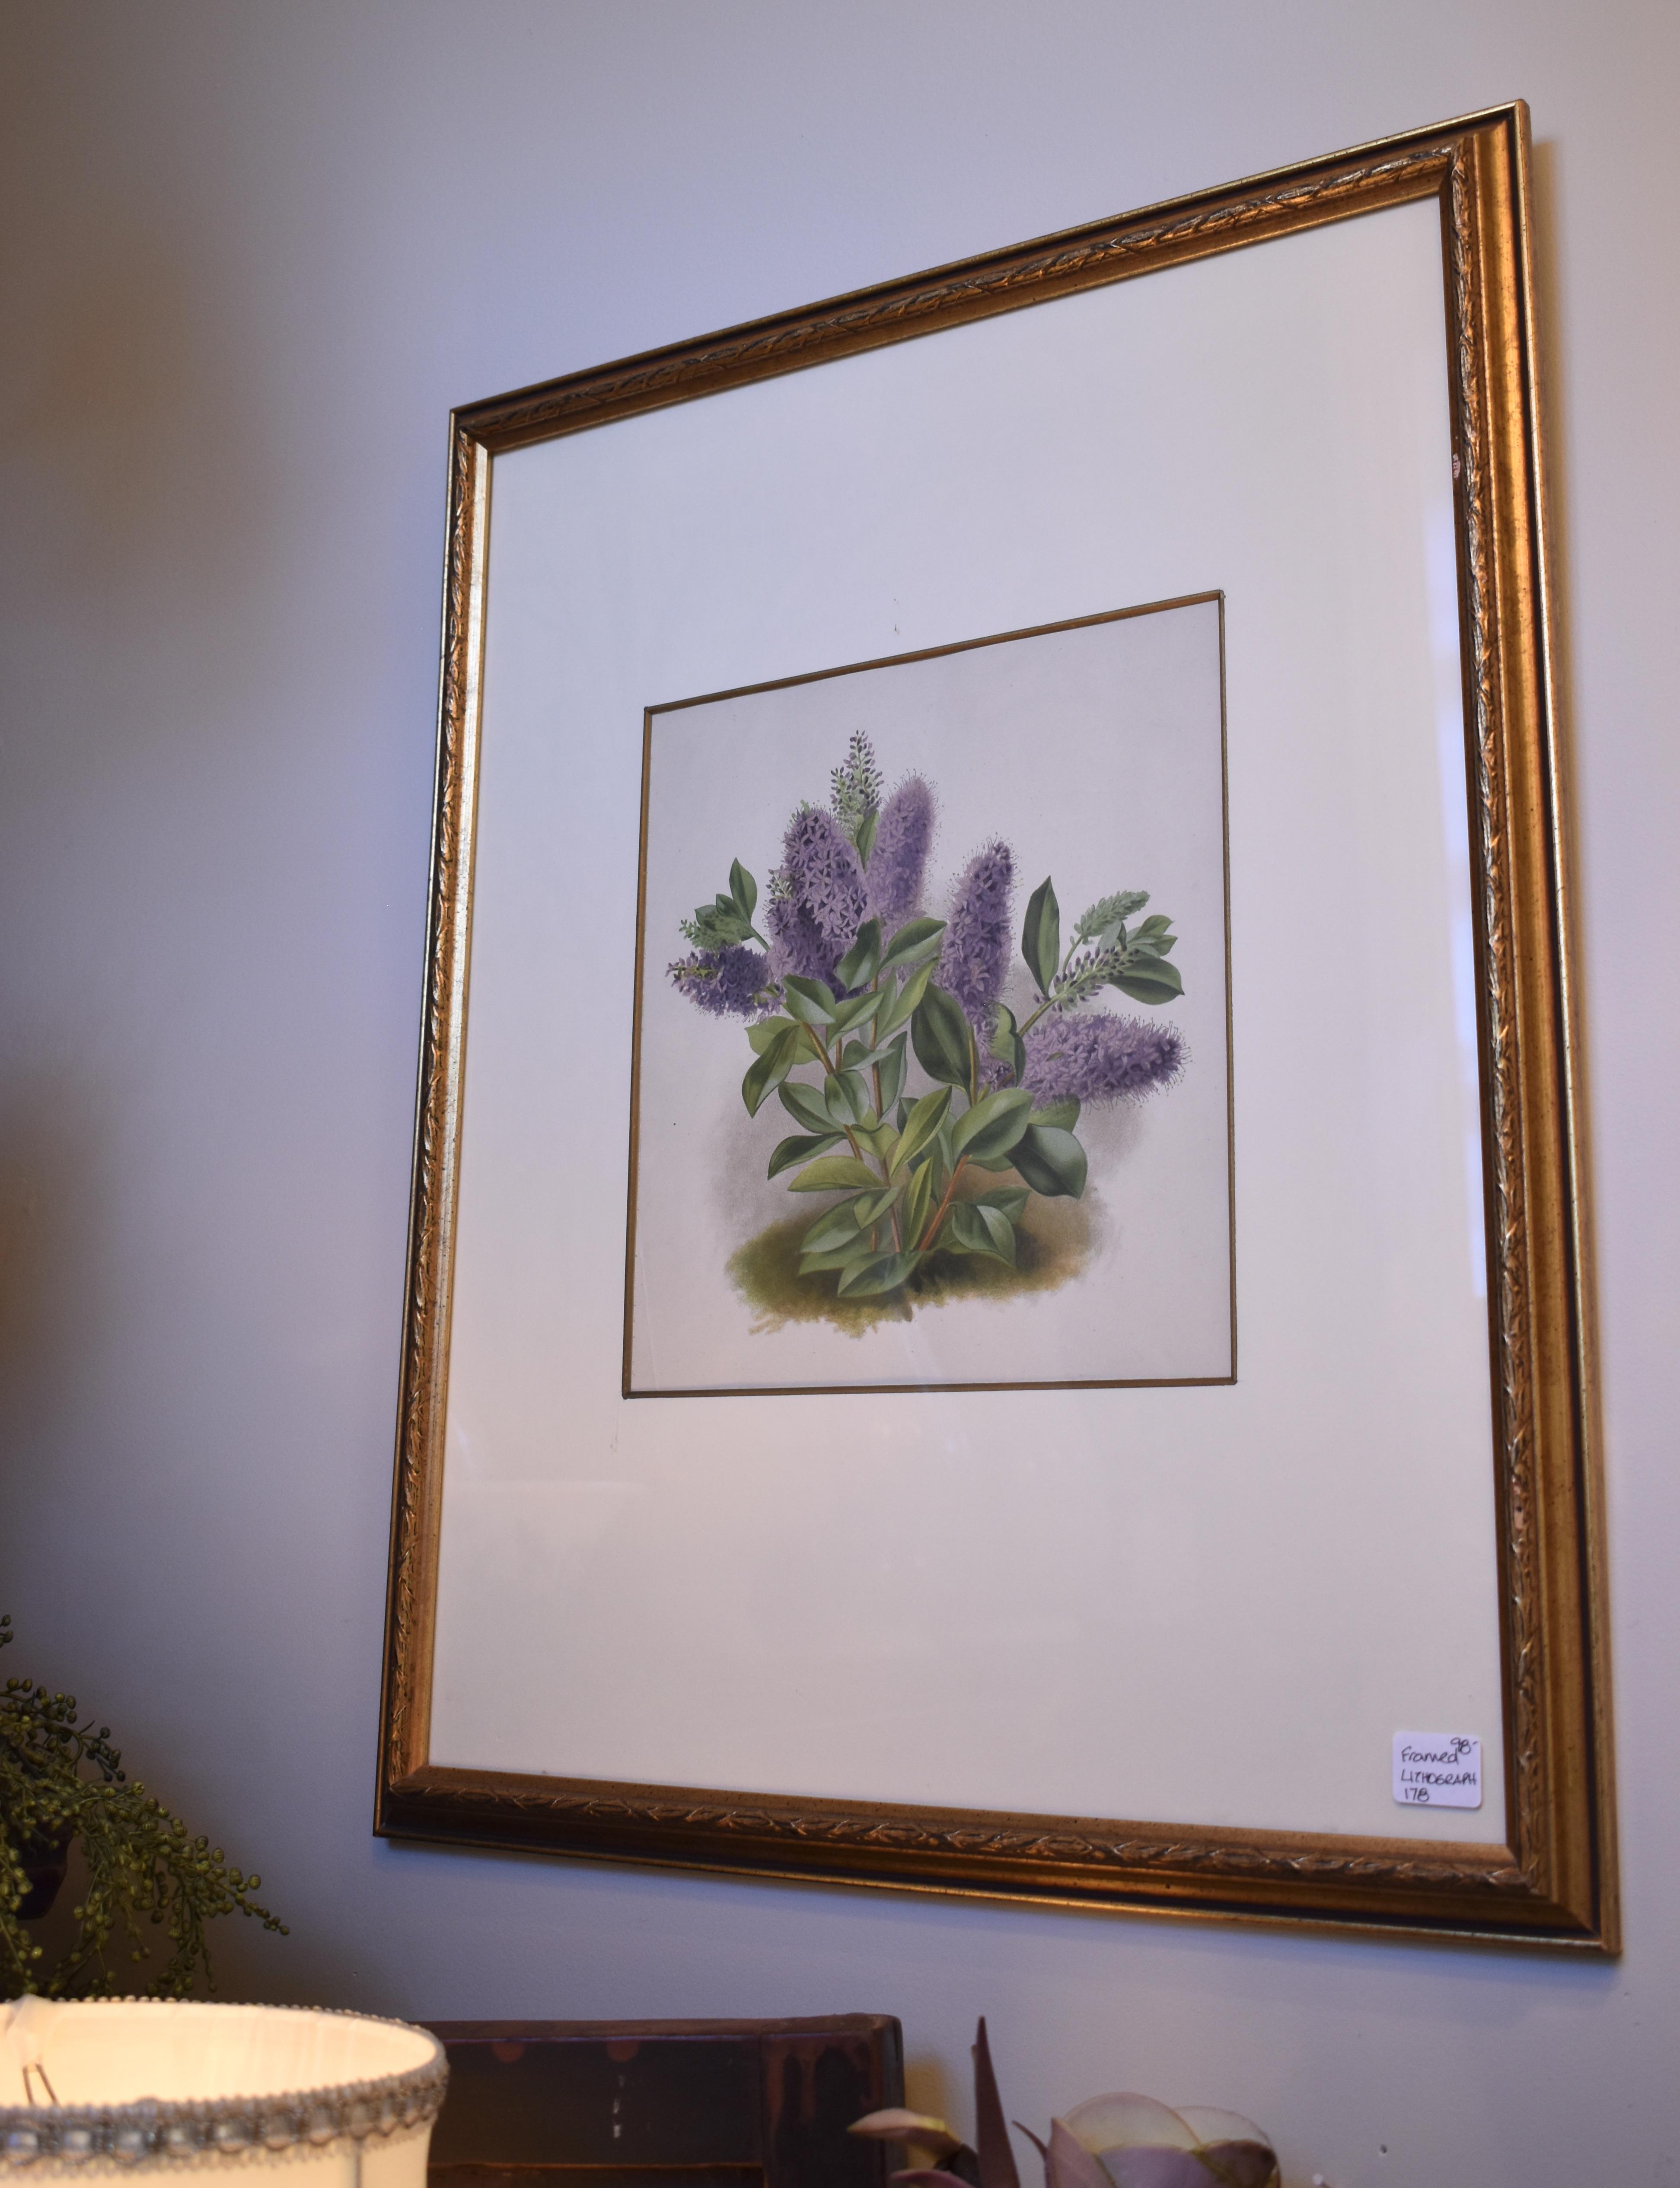 Framed Vintage Botanical